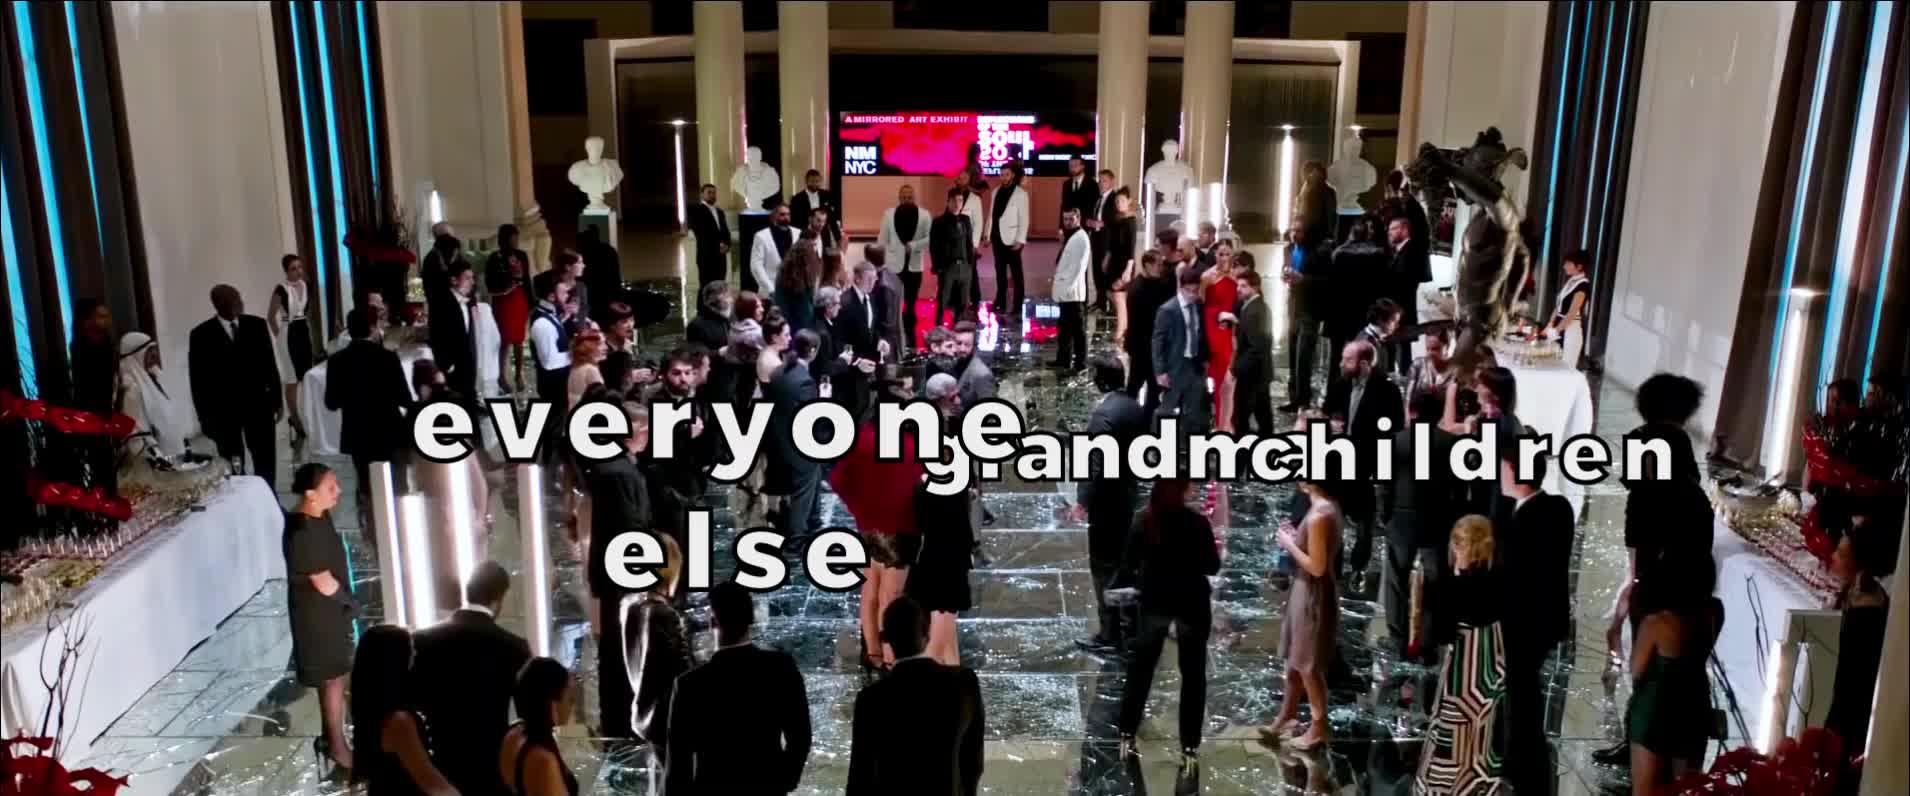 celebs, grandma, john wick, john wick 2, keanu reeves, meme, Grandma, NO! GIFs